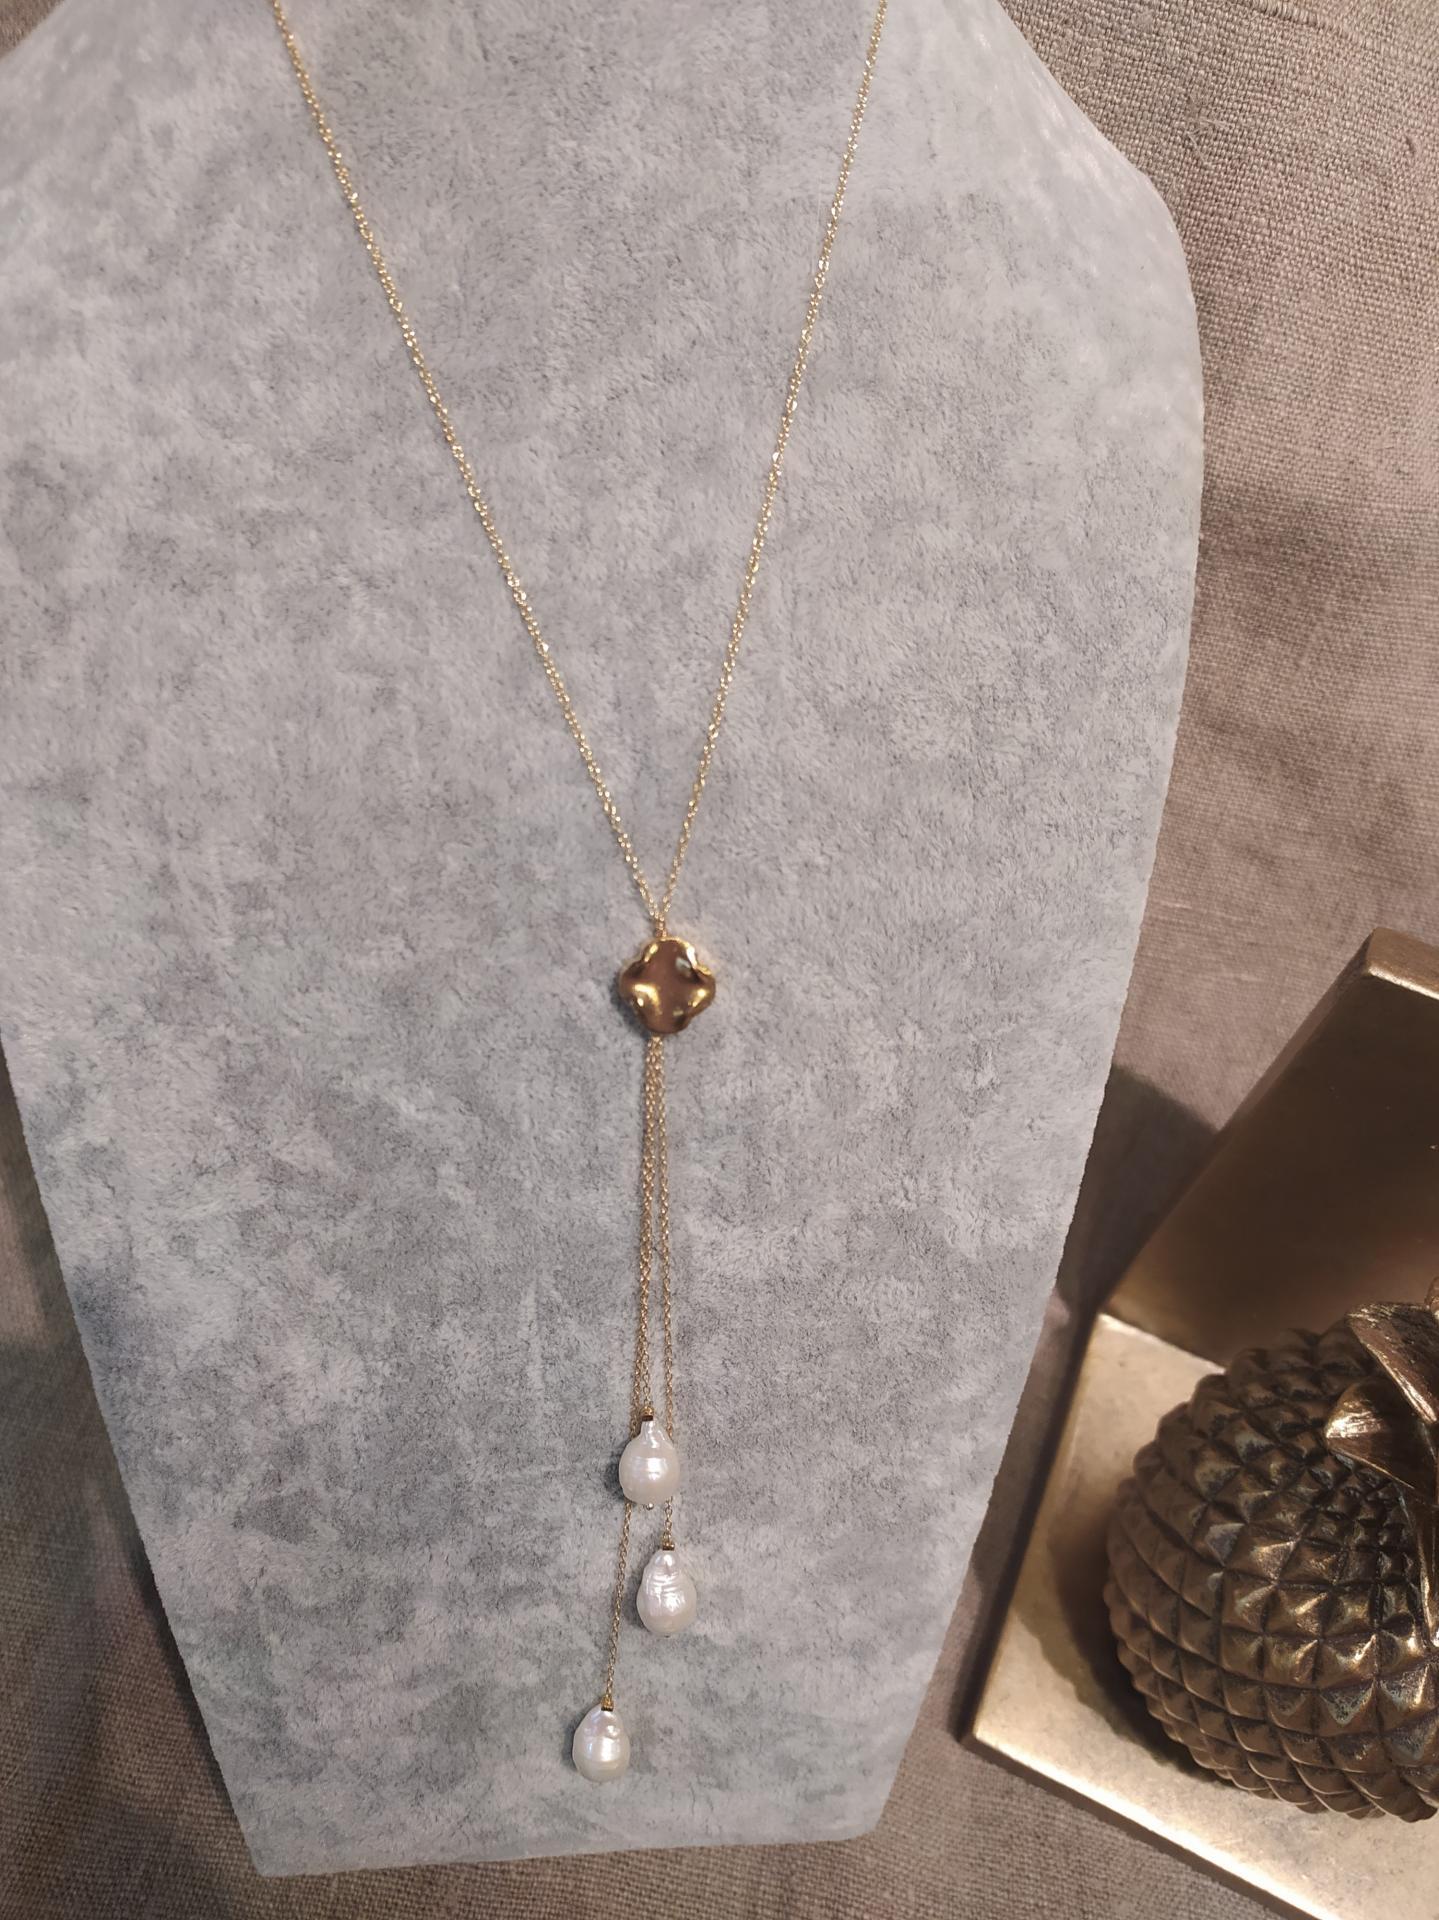 Collier perles baroques ref 320 prix 129 poids 3 53 gr longueur 42 cm du ras de cou plus extention avec 3 perles baroques 13 cm